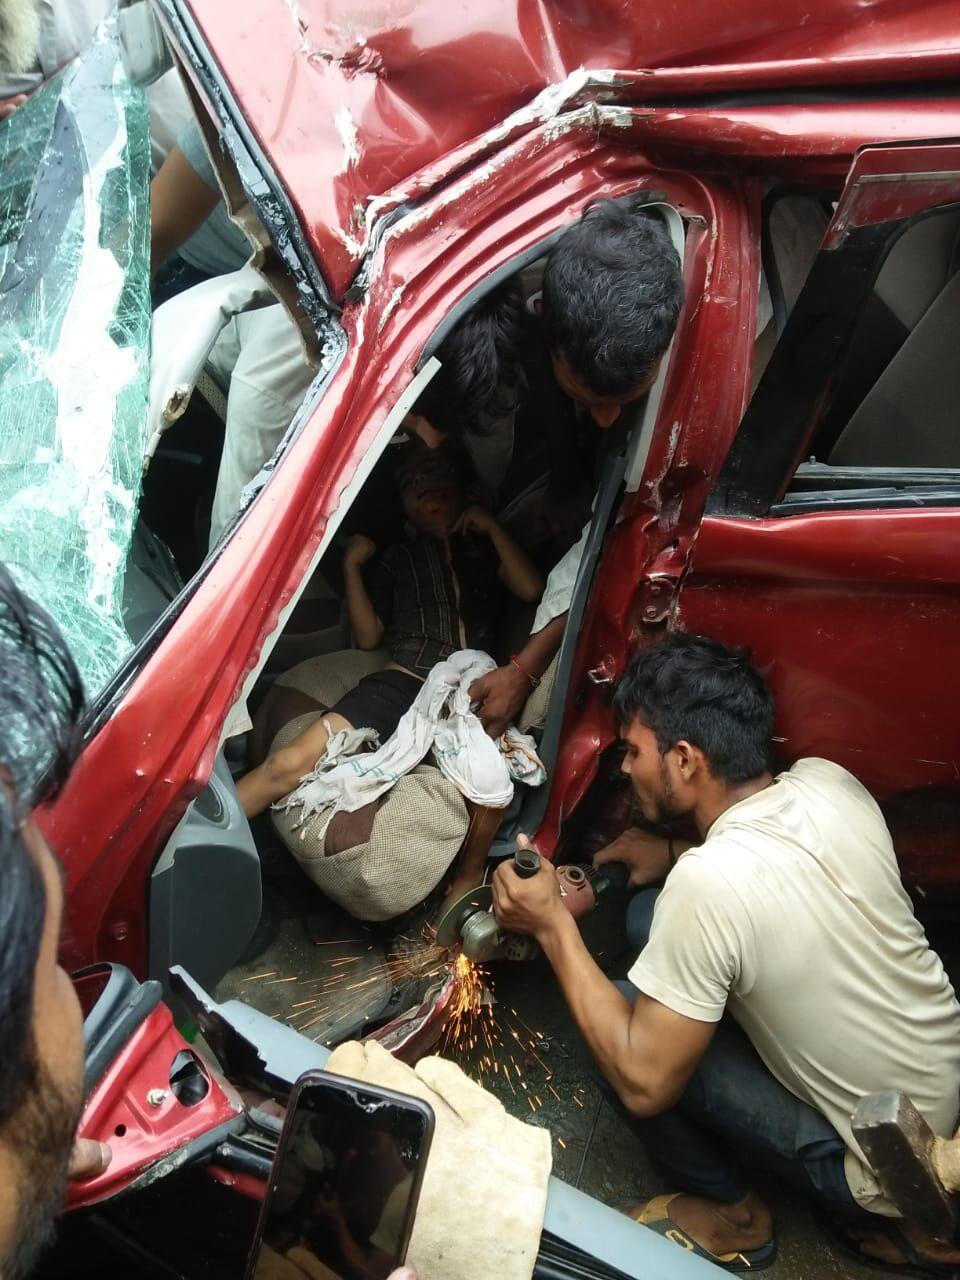 मुजफ्फरनगर में भयंकर सड़क हादसा, कार में फंसा मासूम